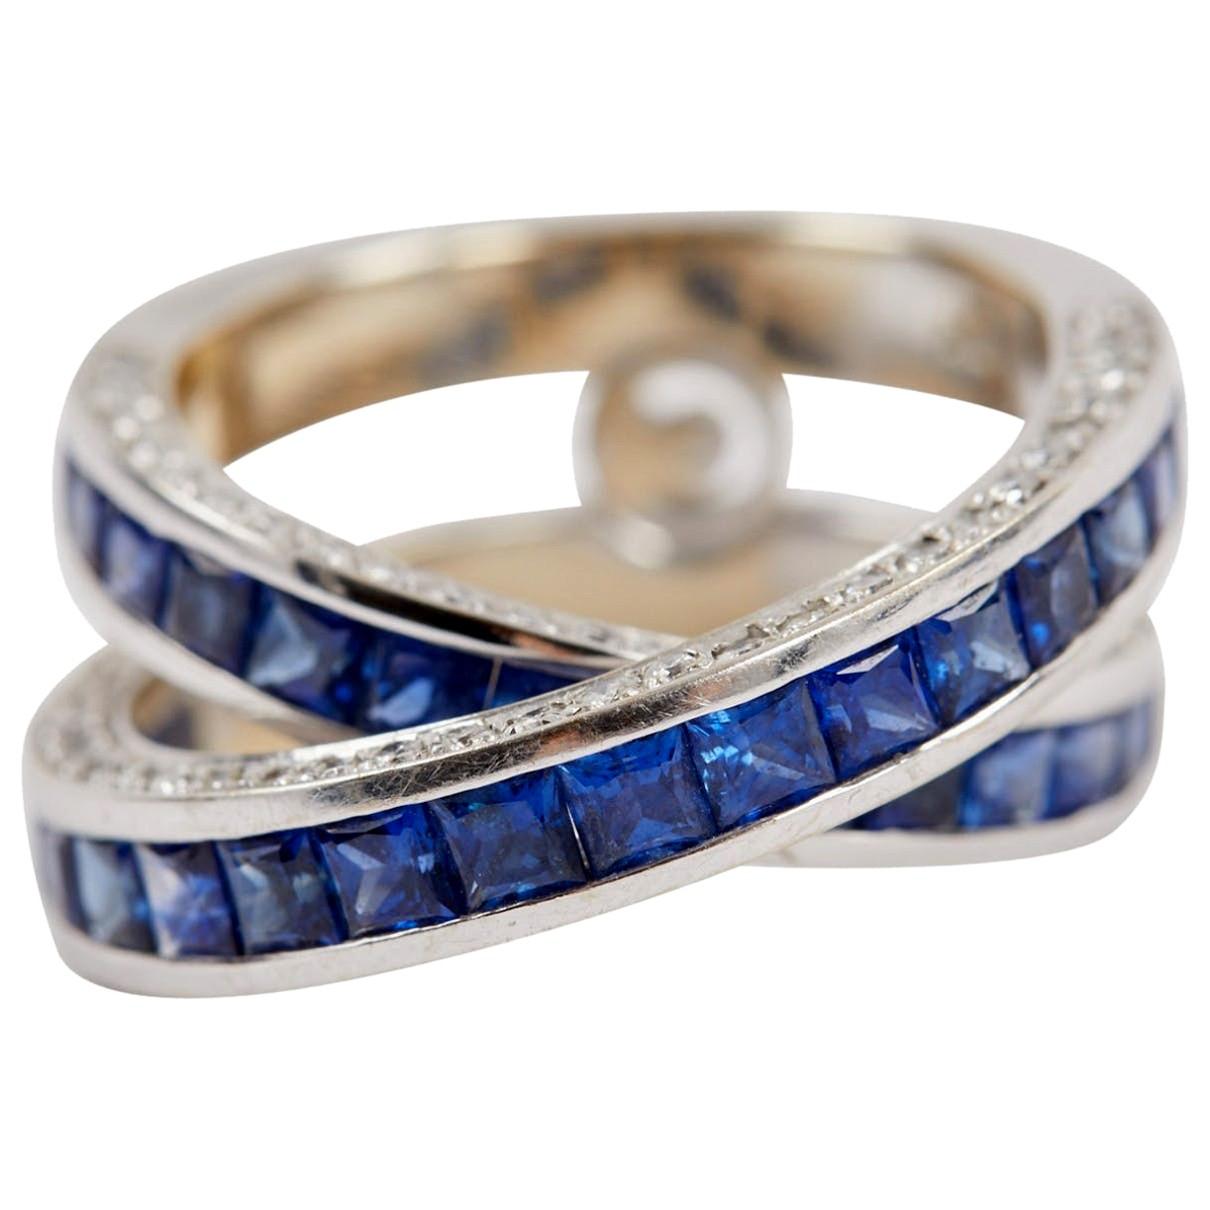 David Morris - Bague   pour femme en or blanc - bleu